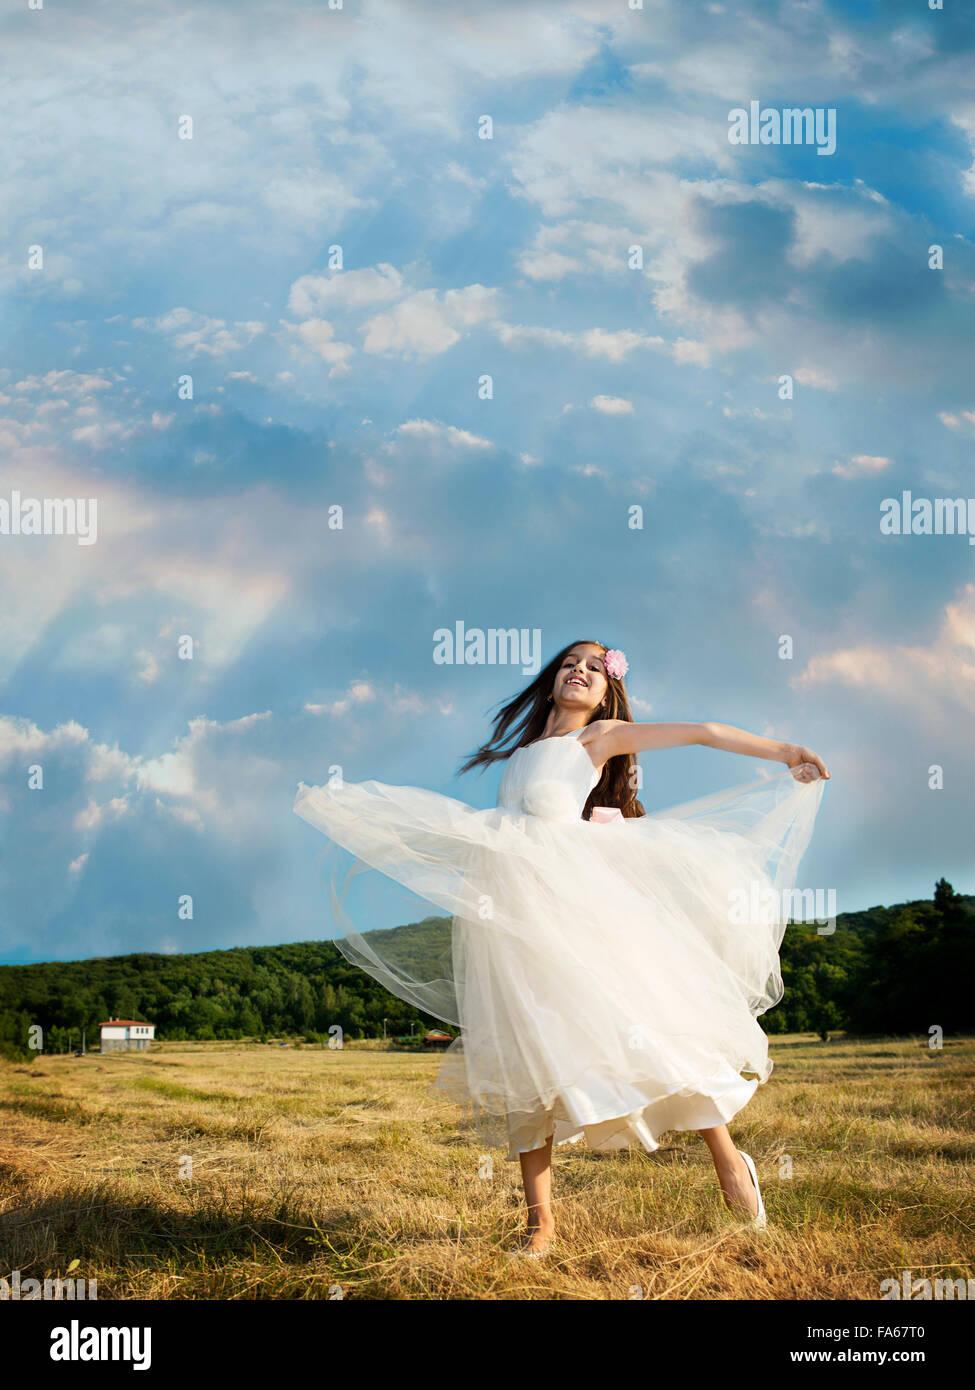 vertikal, draußen, Tag, echte Menschen, eine Person, Mädchen, ein Mädchen nur, Kinder, ein Kind nur, 8-9 Jahre, Stockfoto